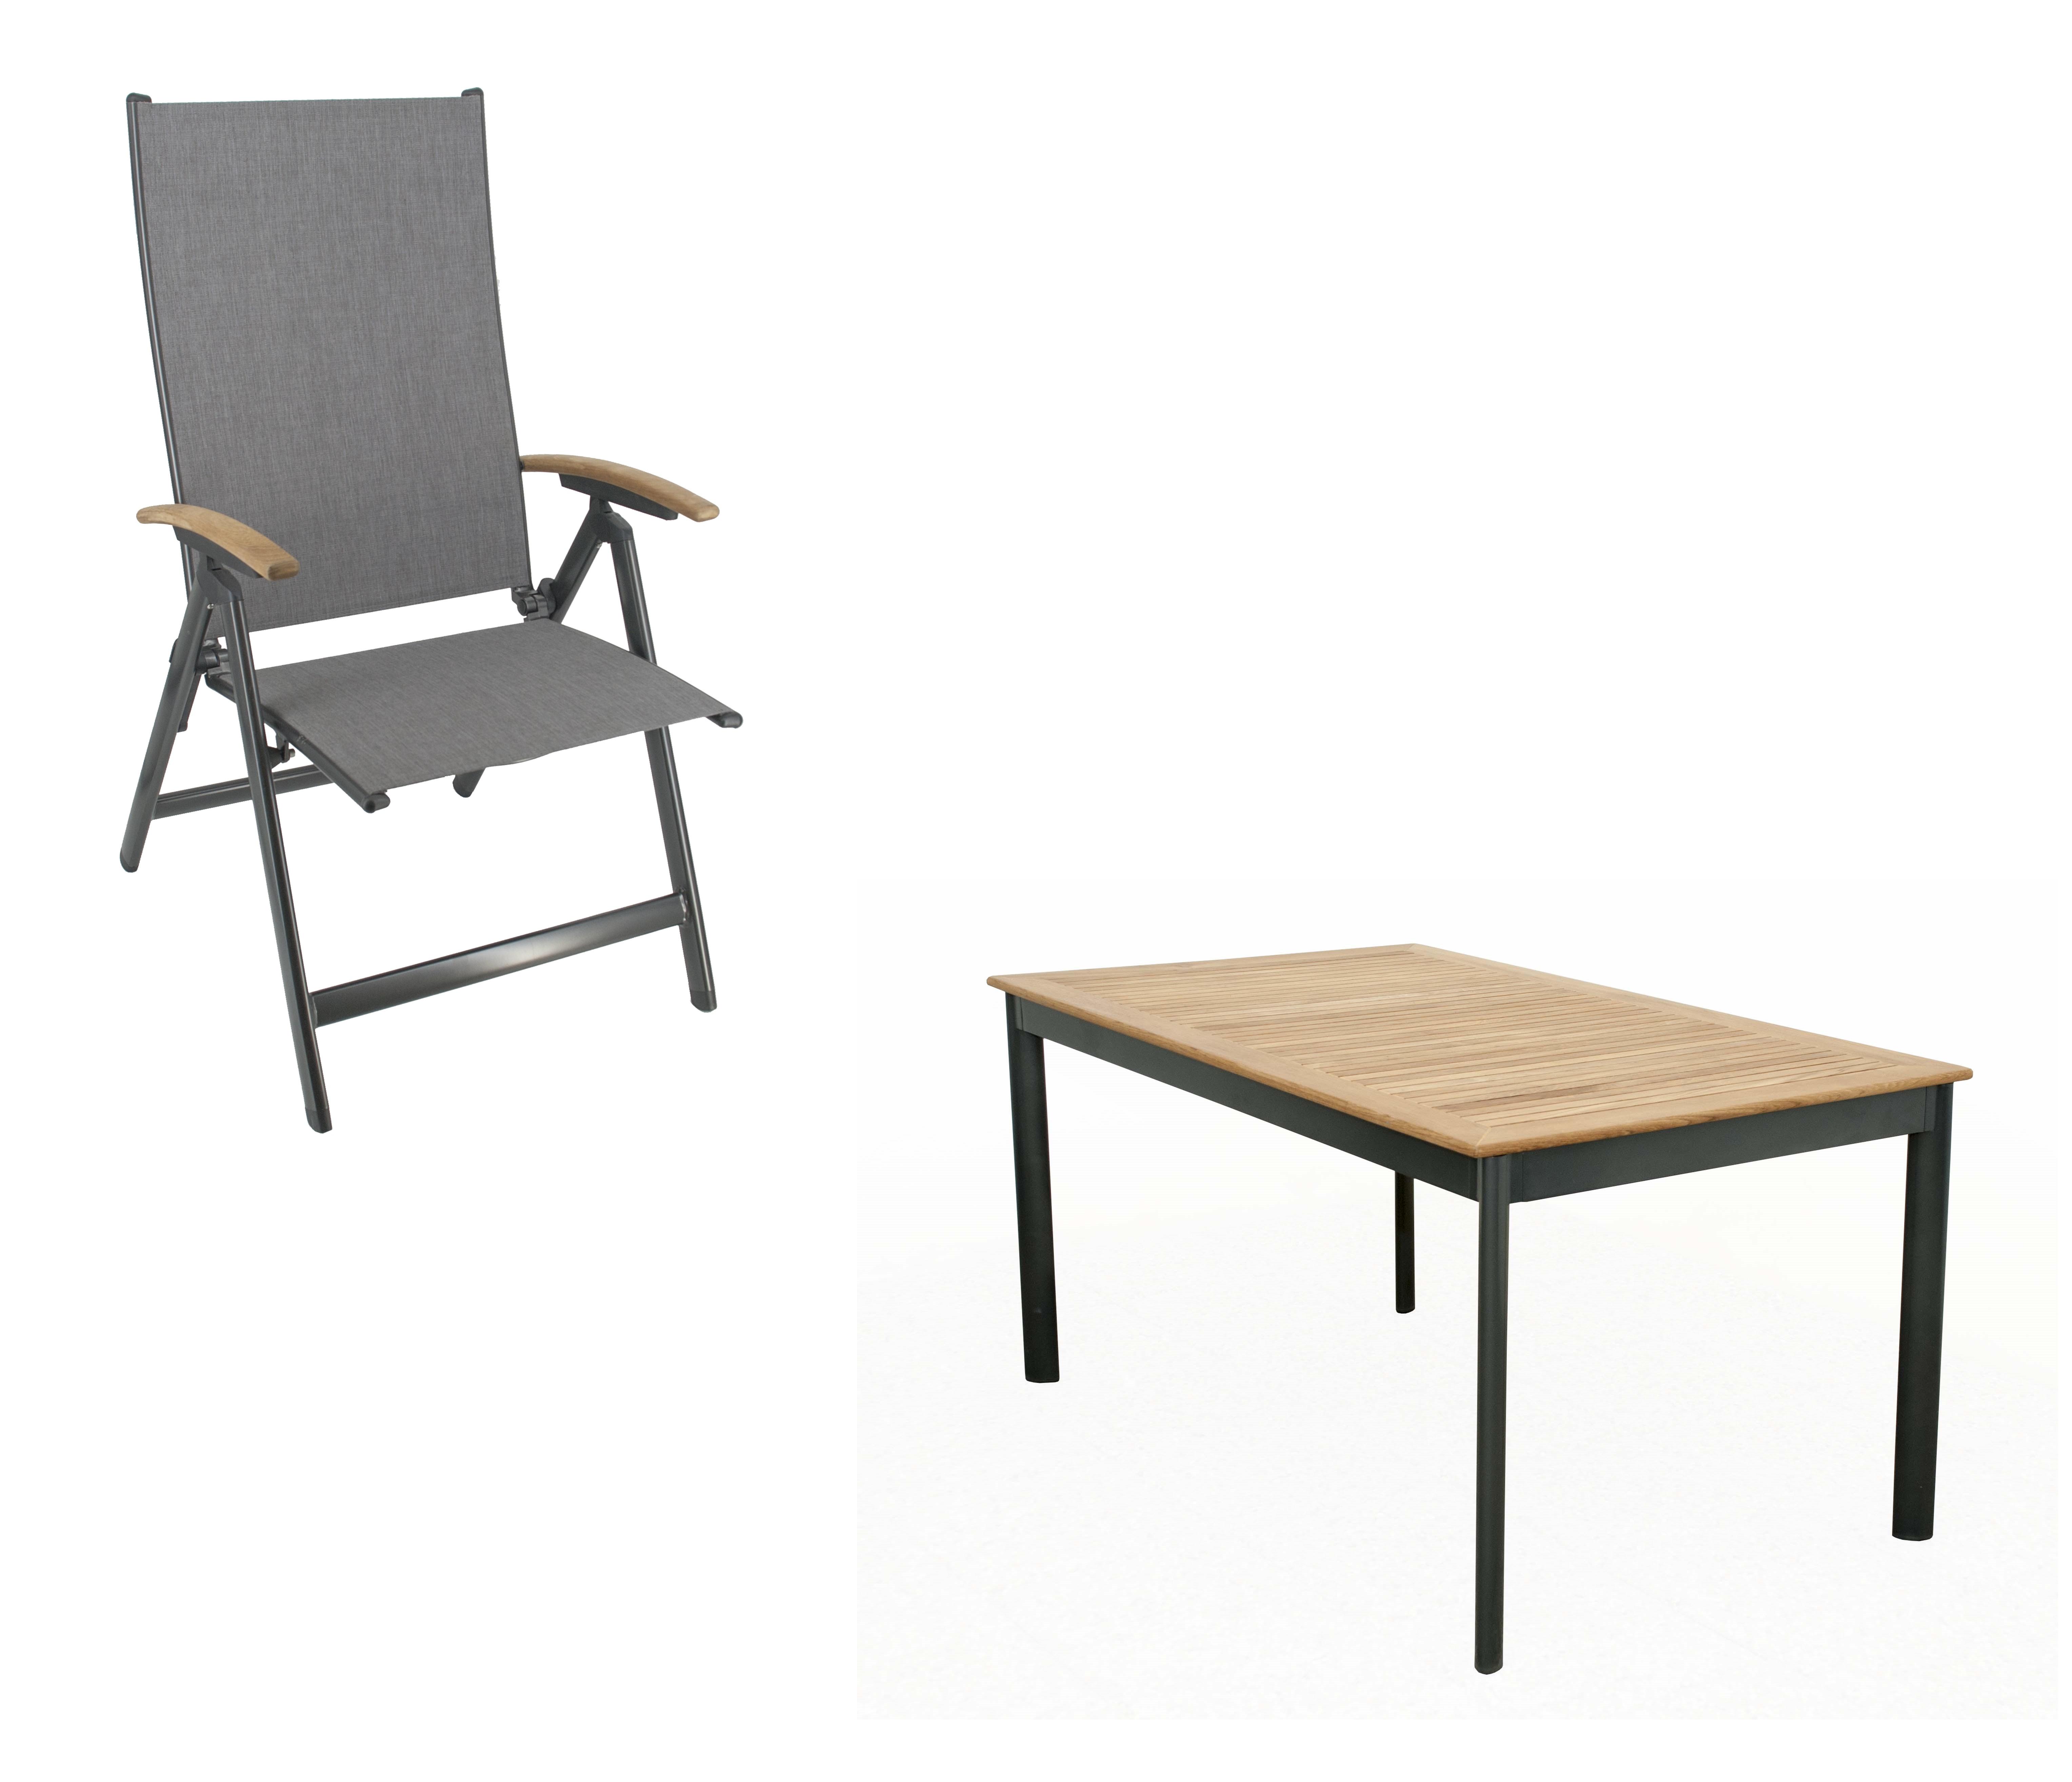 CONCEPT KENDO 4 plus 1 - zahradní sedací souprava (hliník/teakové dřevo)